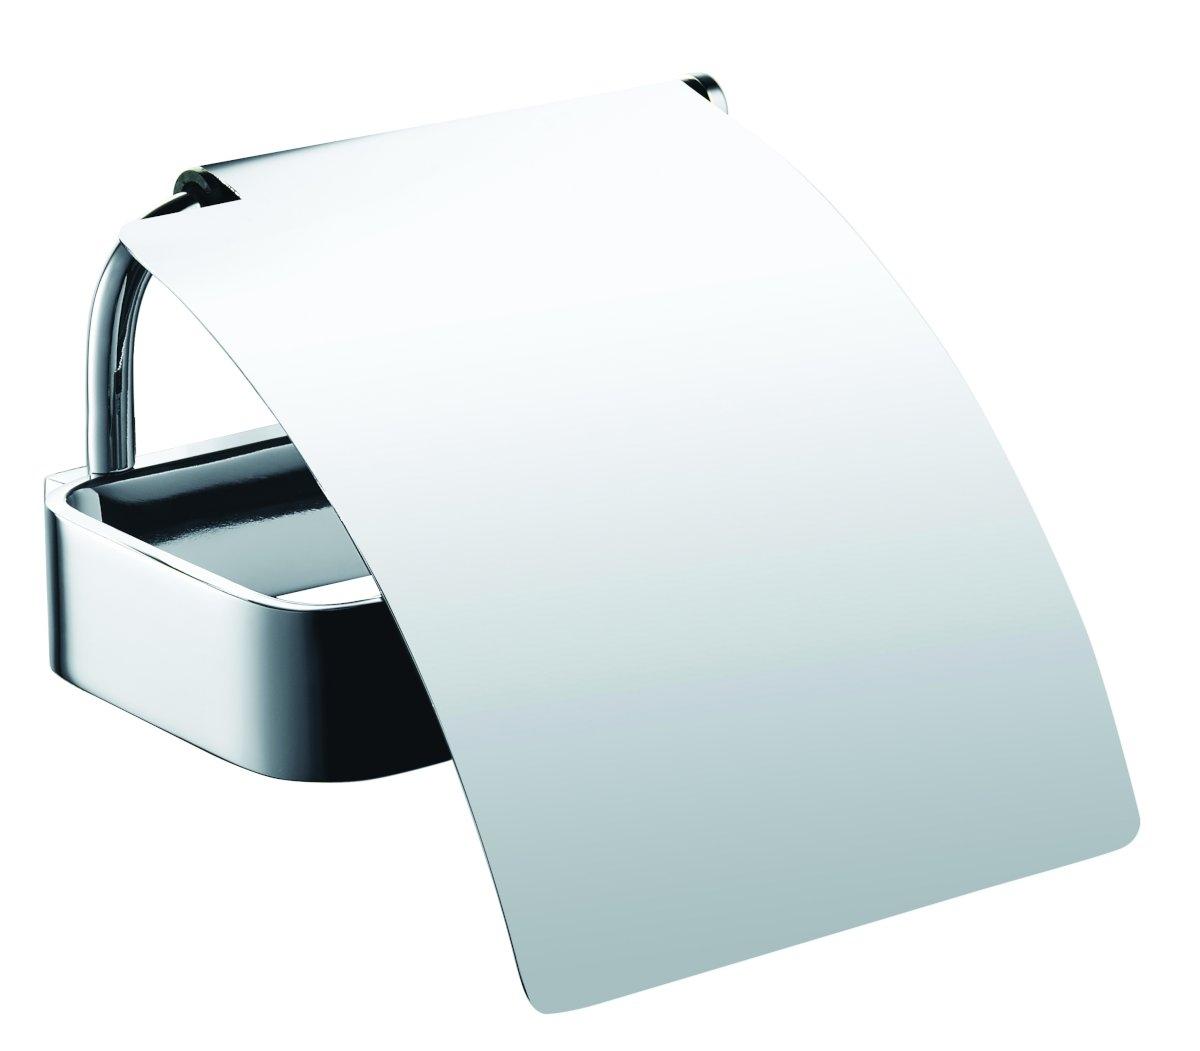 Suport hartie igienica cu aparatoare Bemeta Solo poza